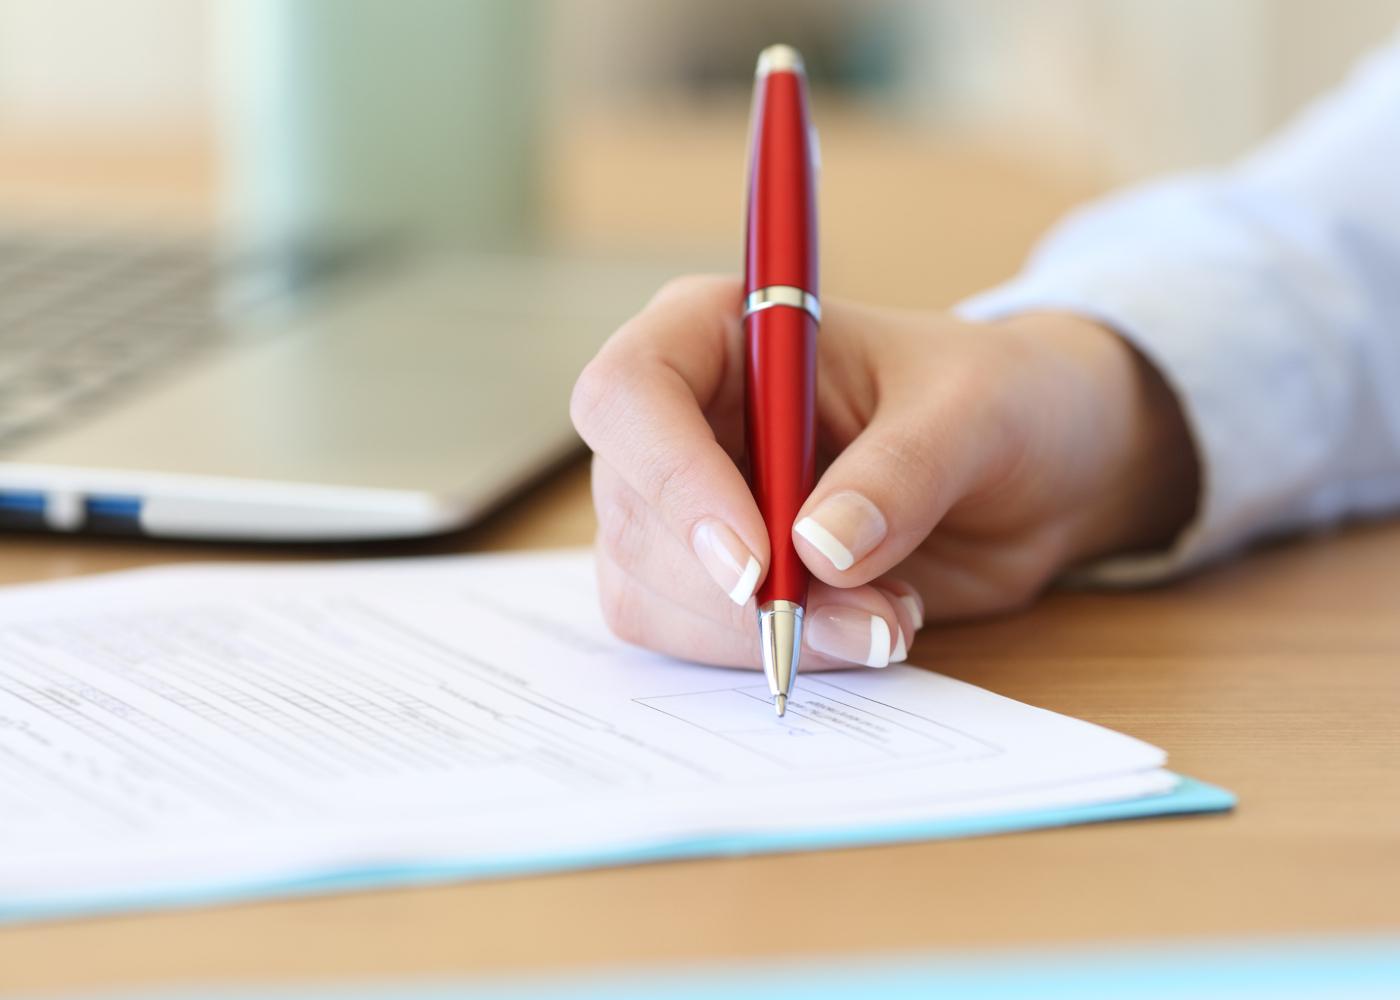 assistente tecnico a assinar documento